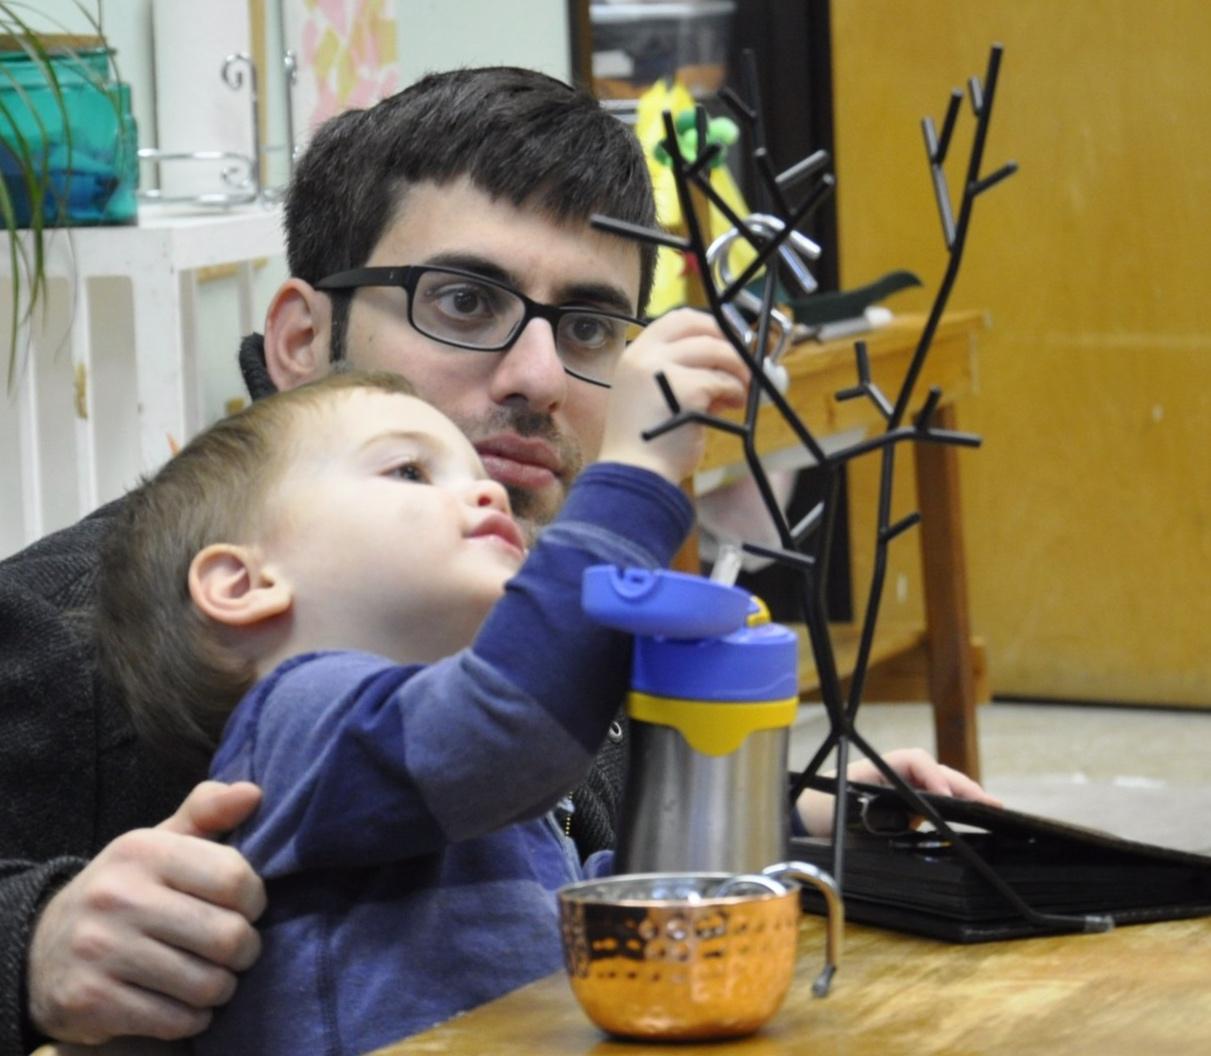 Bring-a-Parent-to-Work-Netivot-82-1.jpg